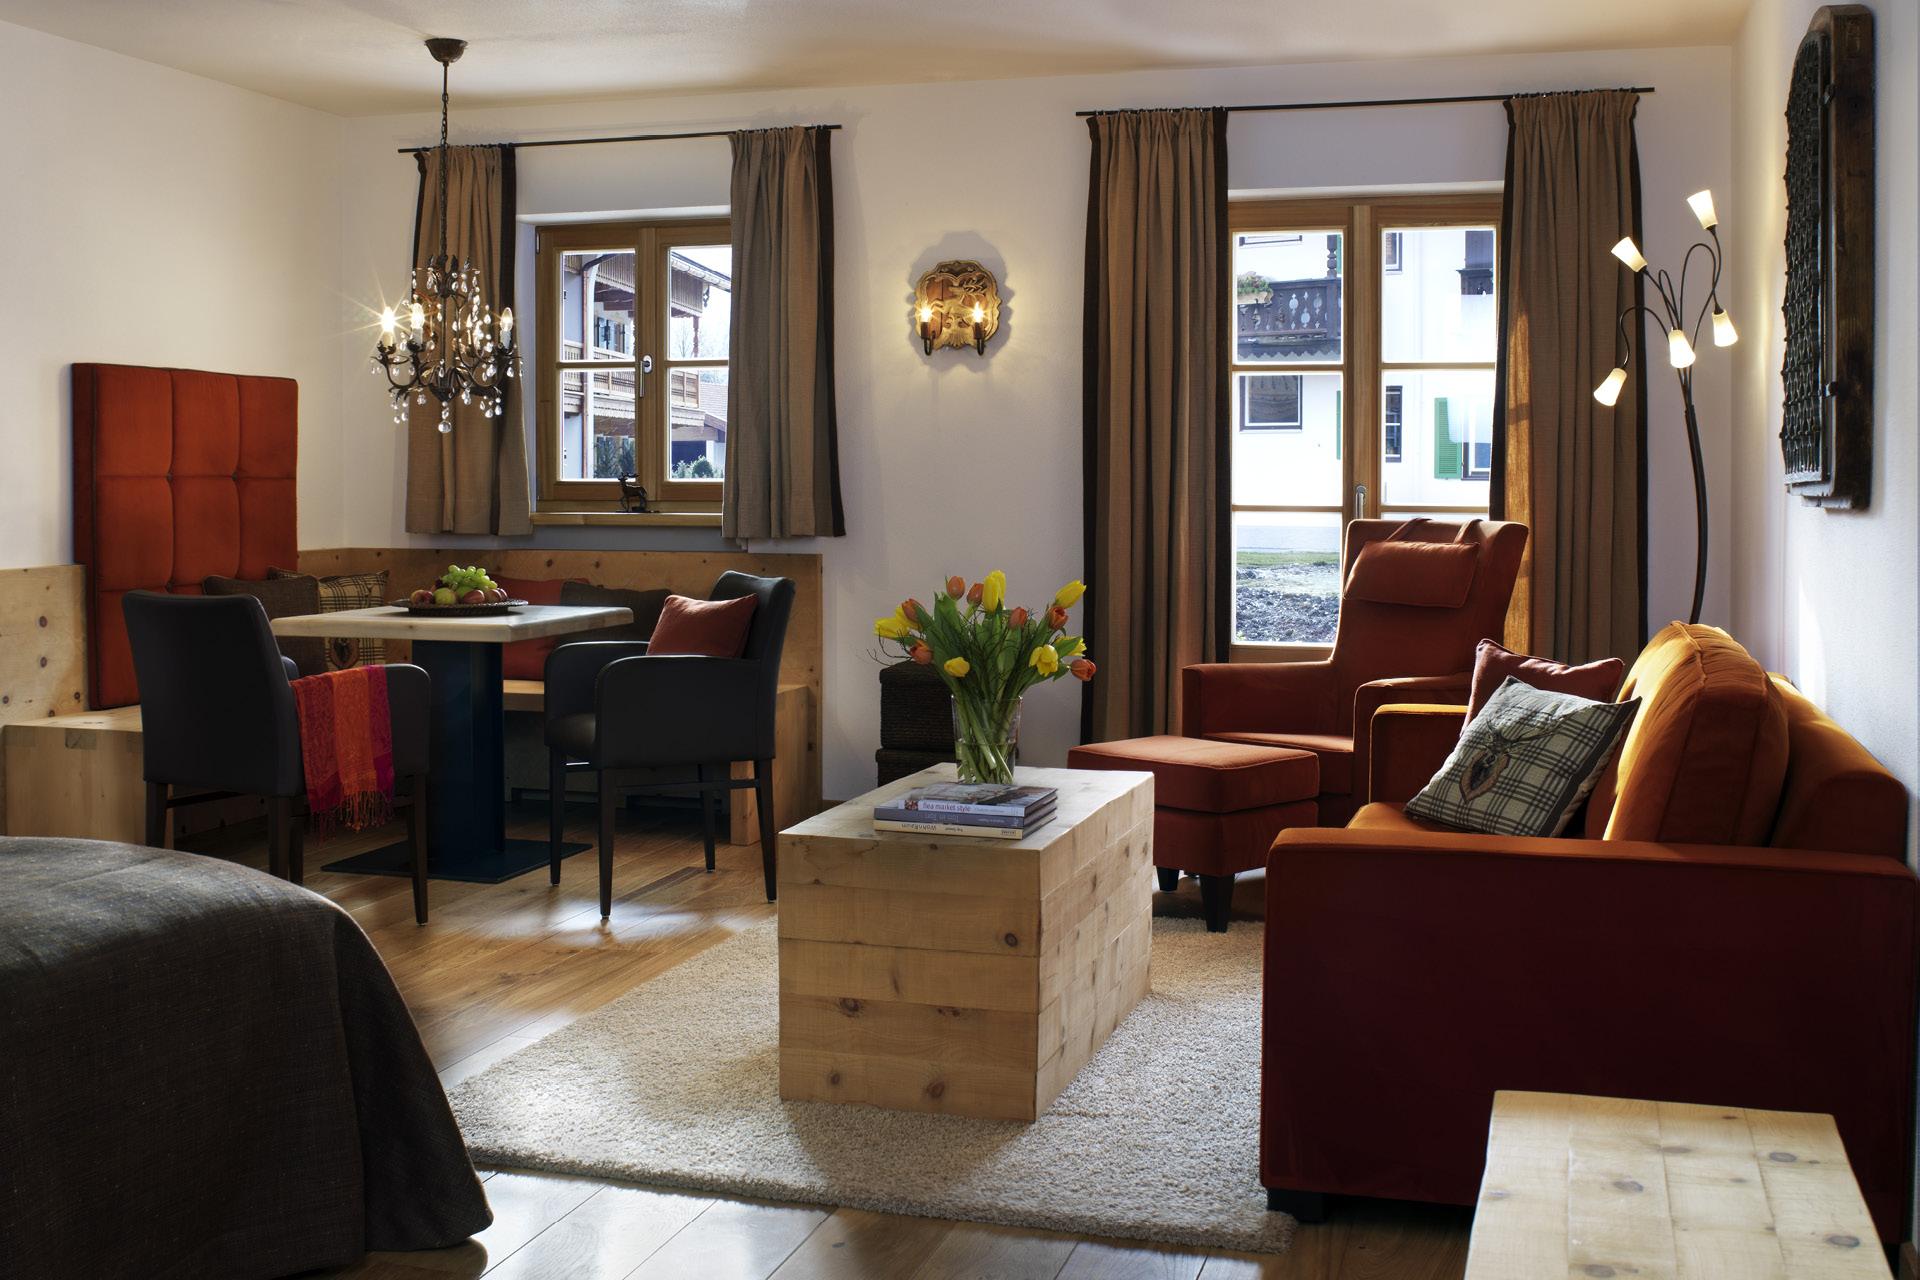 Decker-Projekte-Egerner-Hoefe-Schlafzimmer-mit-Wohnessbereich